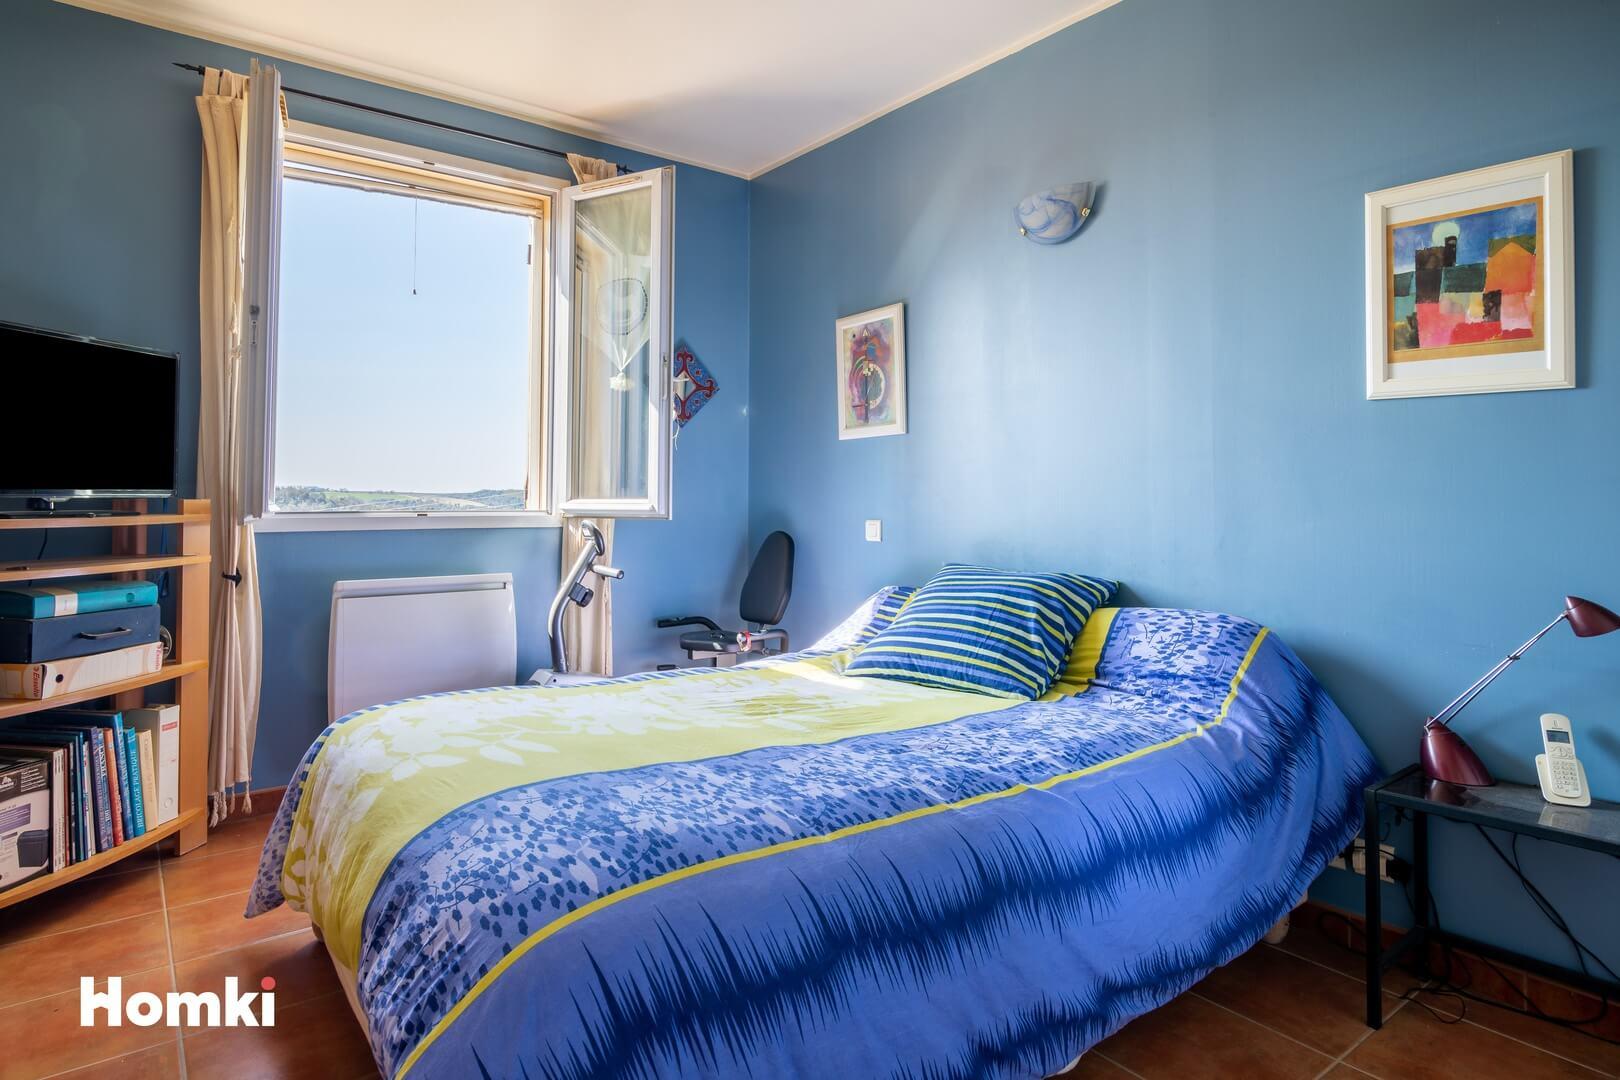 Homki - Vente Maison/villa  de 90.0 m² à Valensole 04210